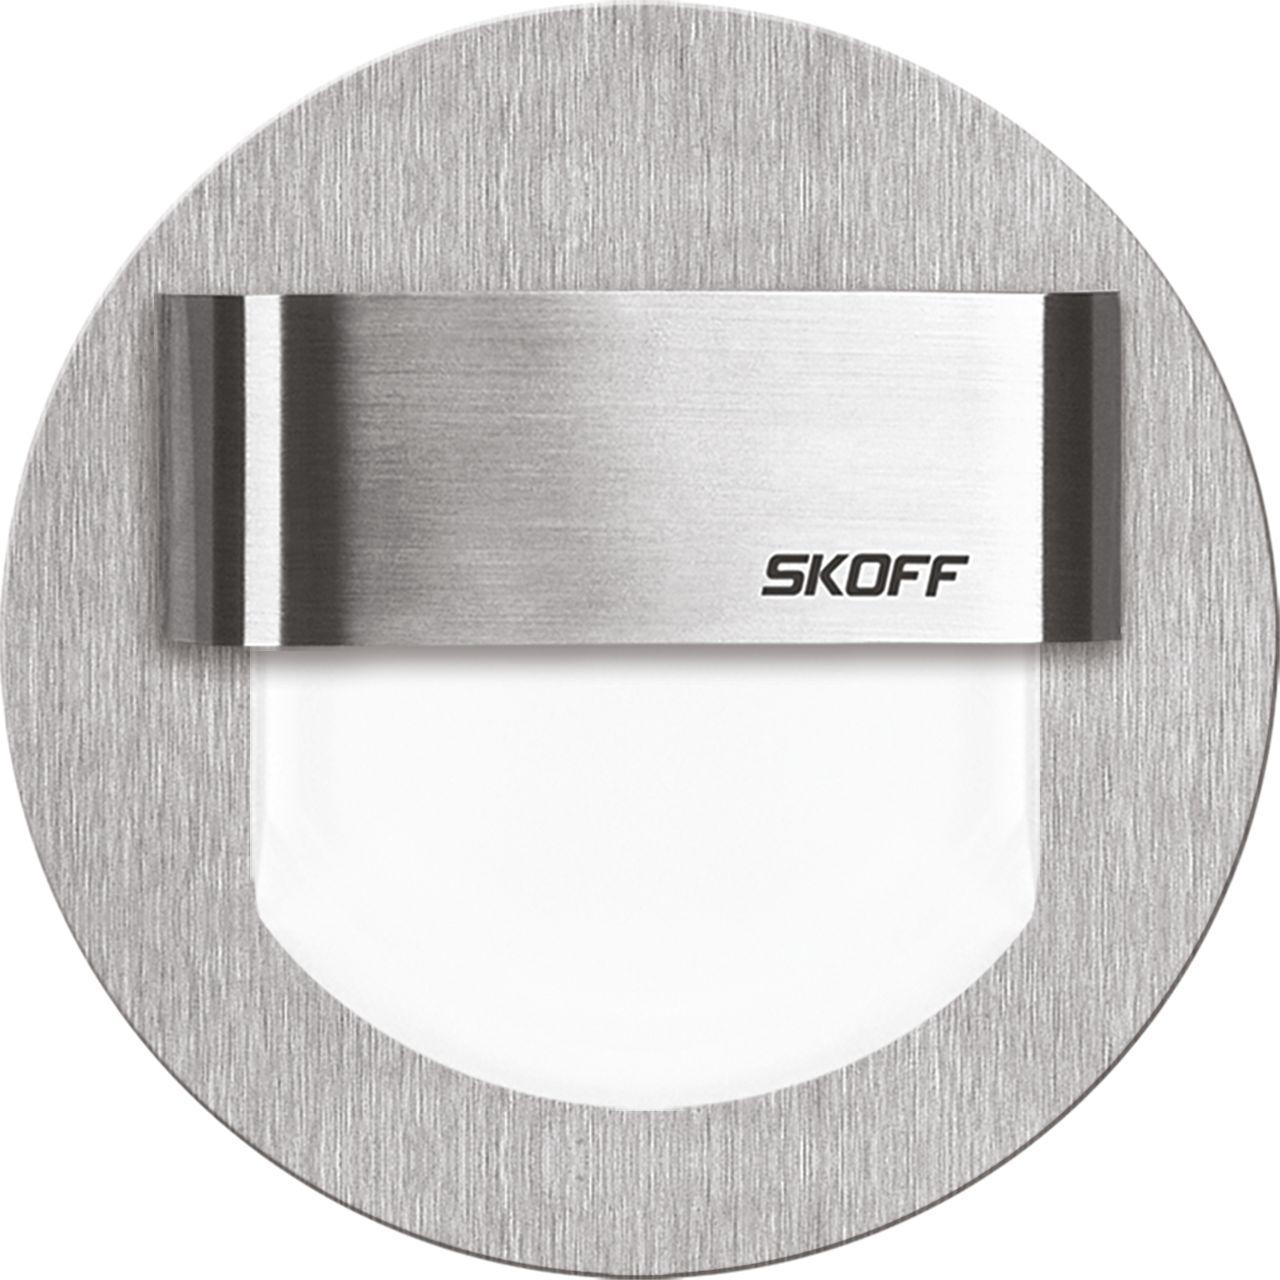 Oprawa schodowa Rueda Skoff okrągła oprawa w kolorze szczotkowane aluminium